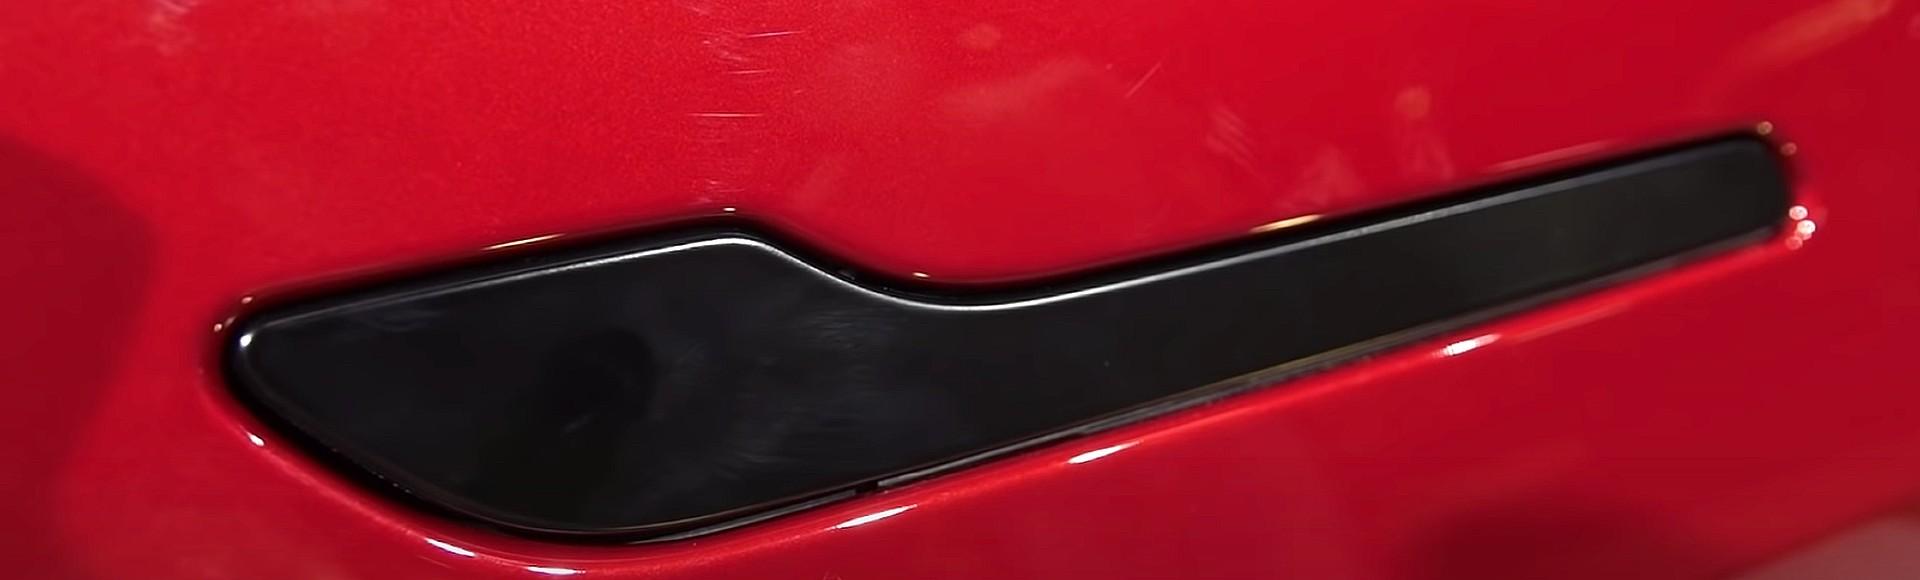 tesla-model-3-refresh-chrome-delete-door-handle